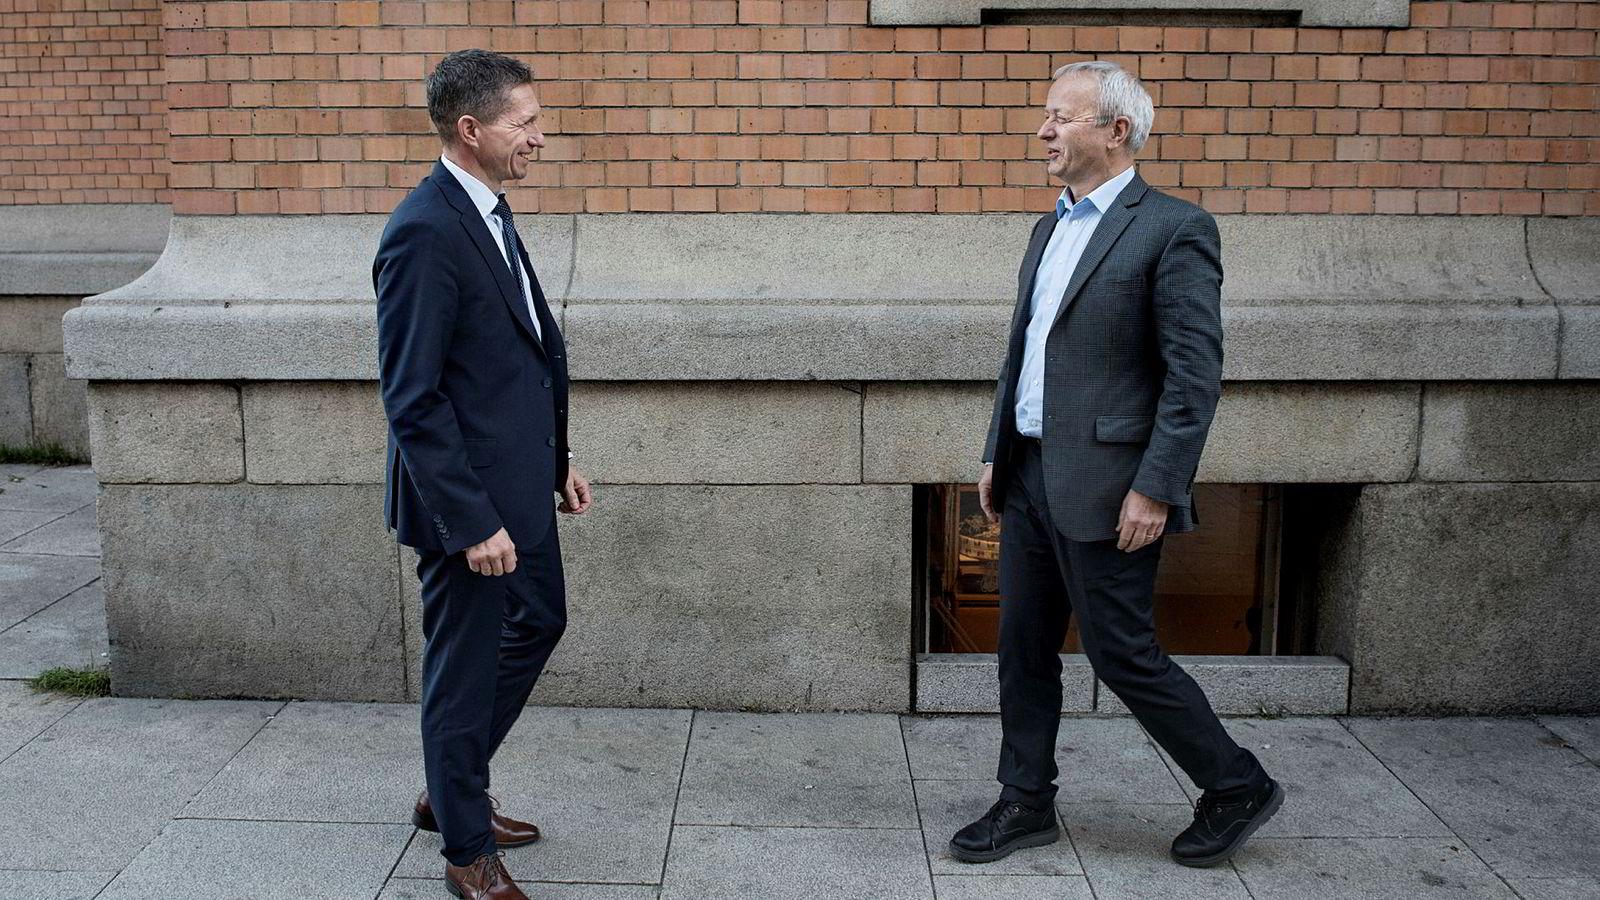 – Totalt planlegger vi å hente inn 1,2 milliarder for utbyggingen av det første anlegget, og Swedbank vil bistå oss i dette arbeidet, sier daglig leder Thomas Skadal i Biozin Holding (til venstre) om biodrivstoffplanene. Til høyre, styreleder Olav Falk-Pedersen i selskapet.